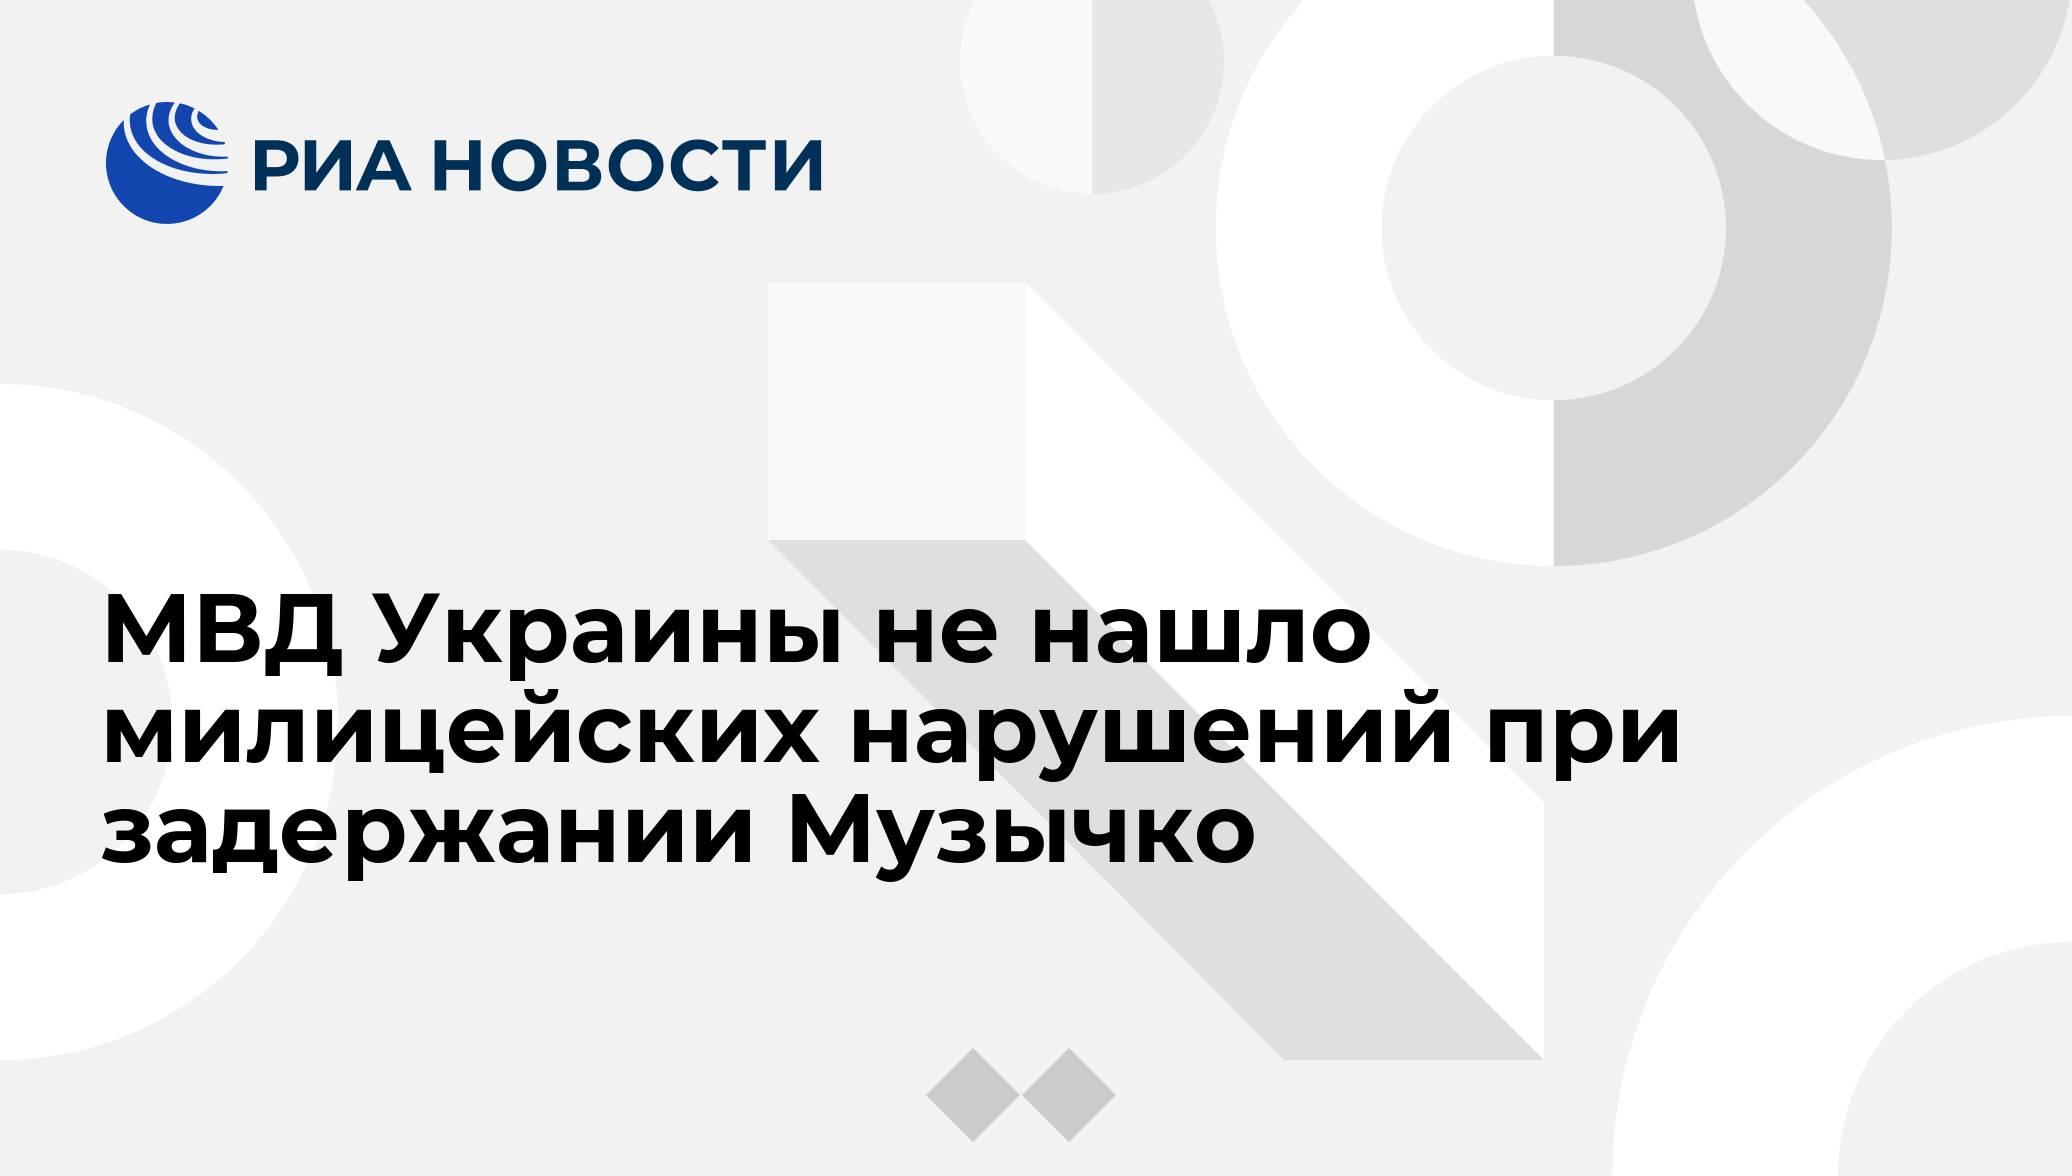 МВД Украины не нашло милицейских нарушений при задержании Музычко